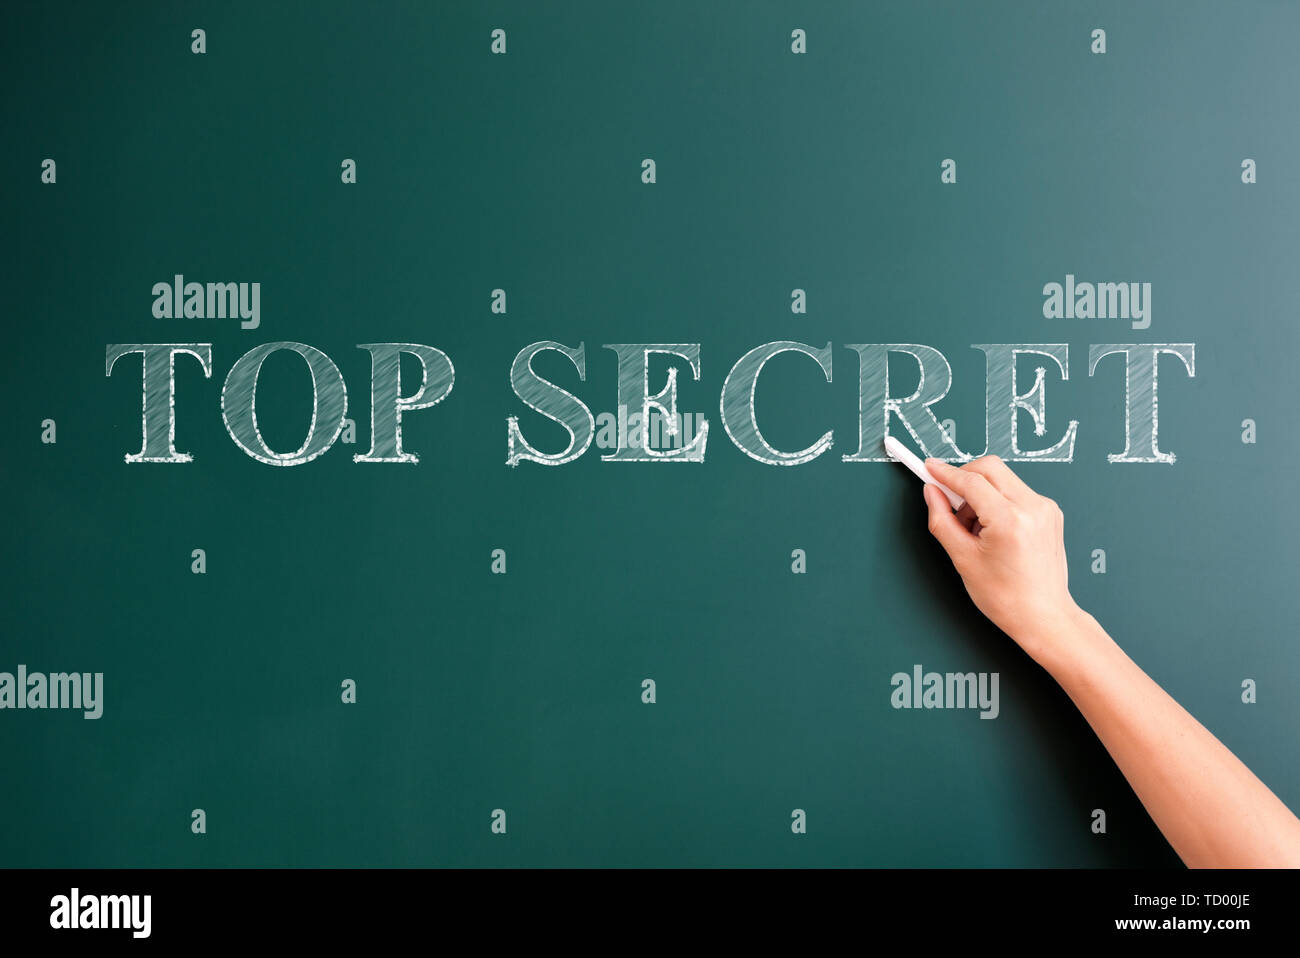 top secret written on blackboard - Stock Image